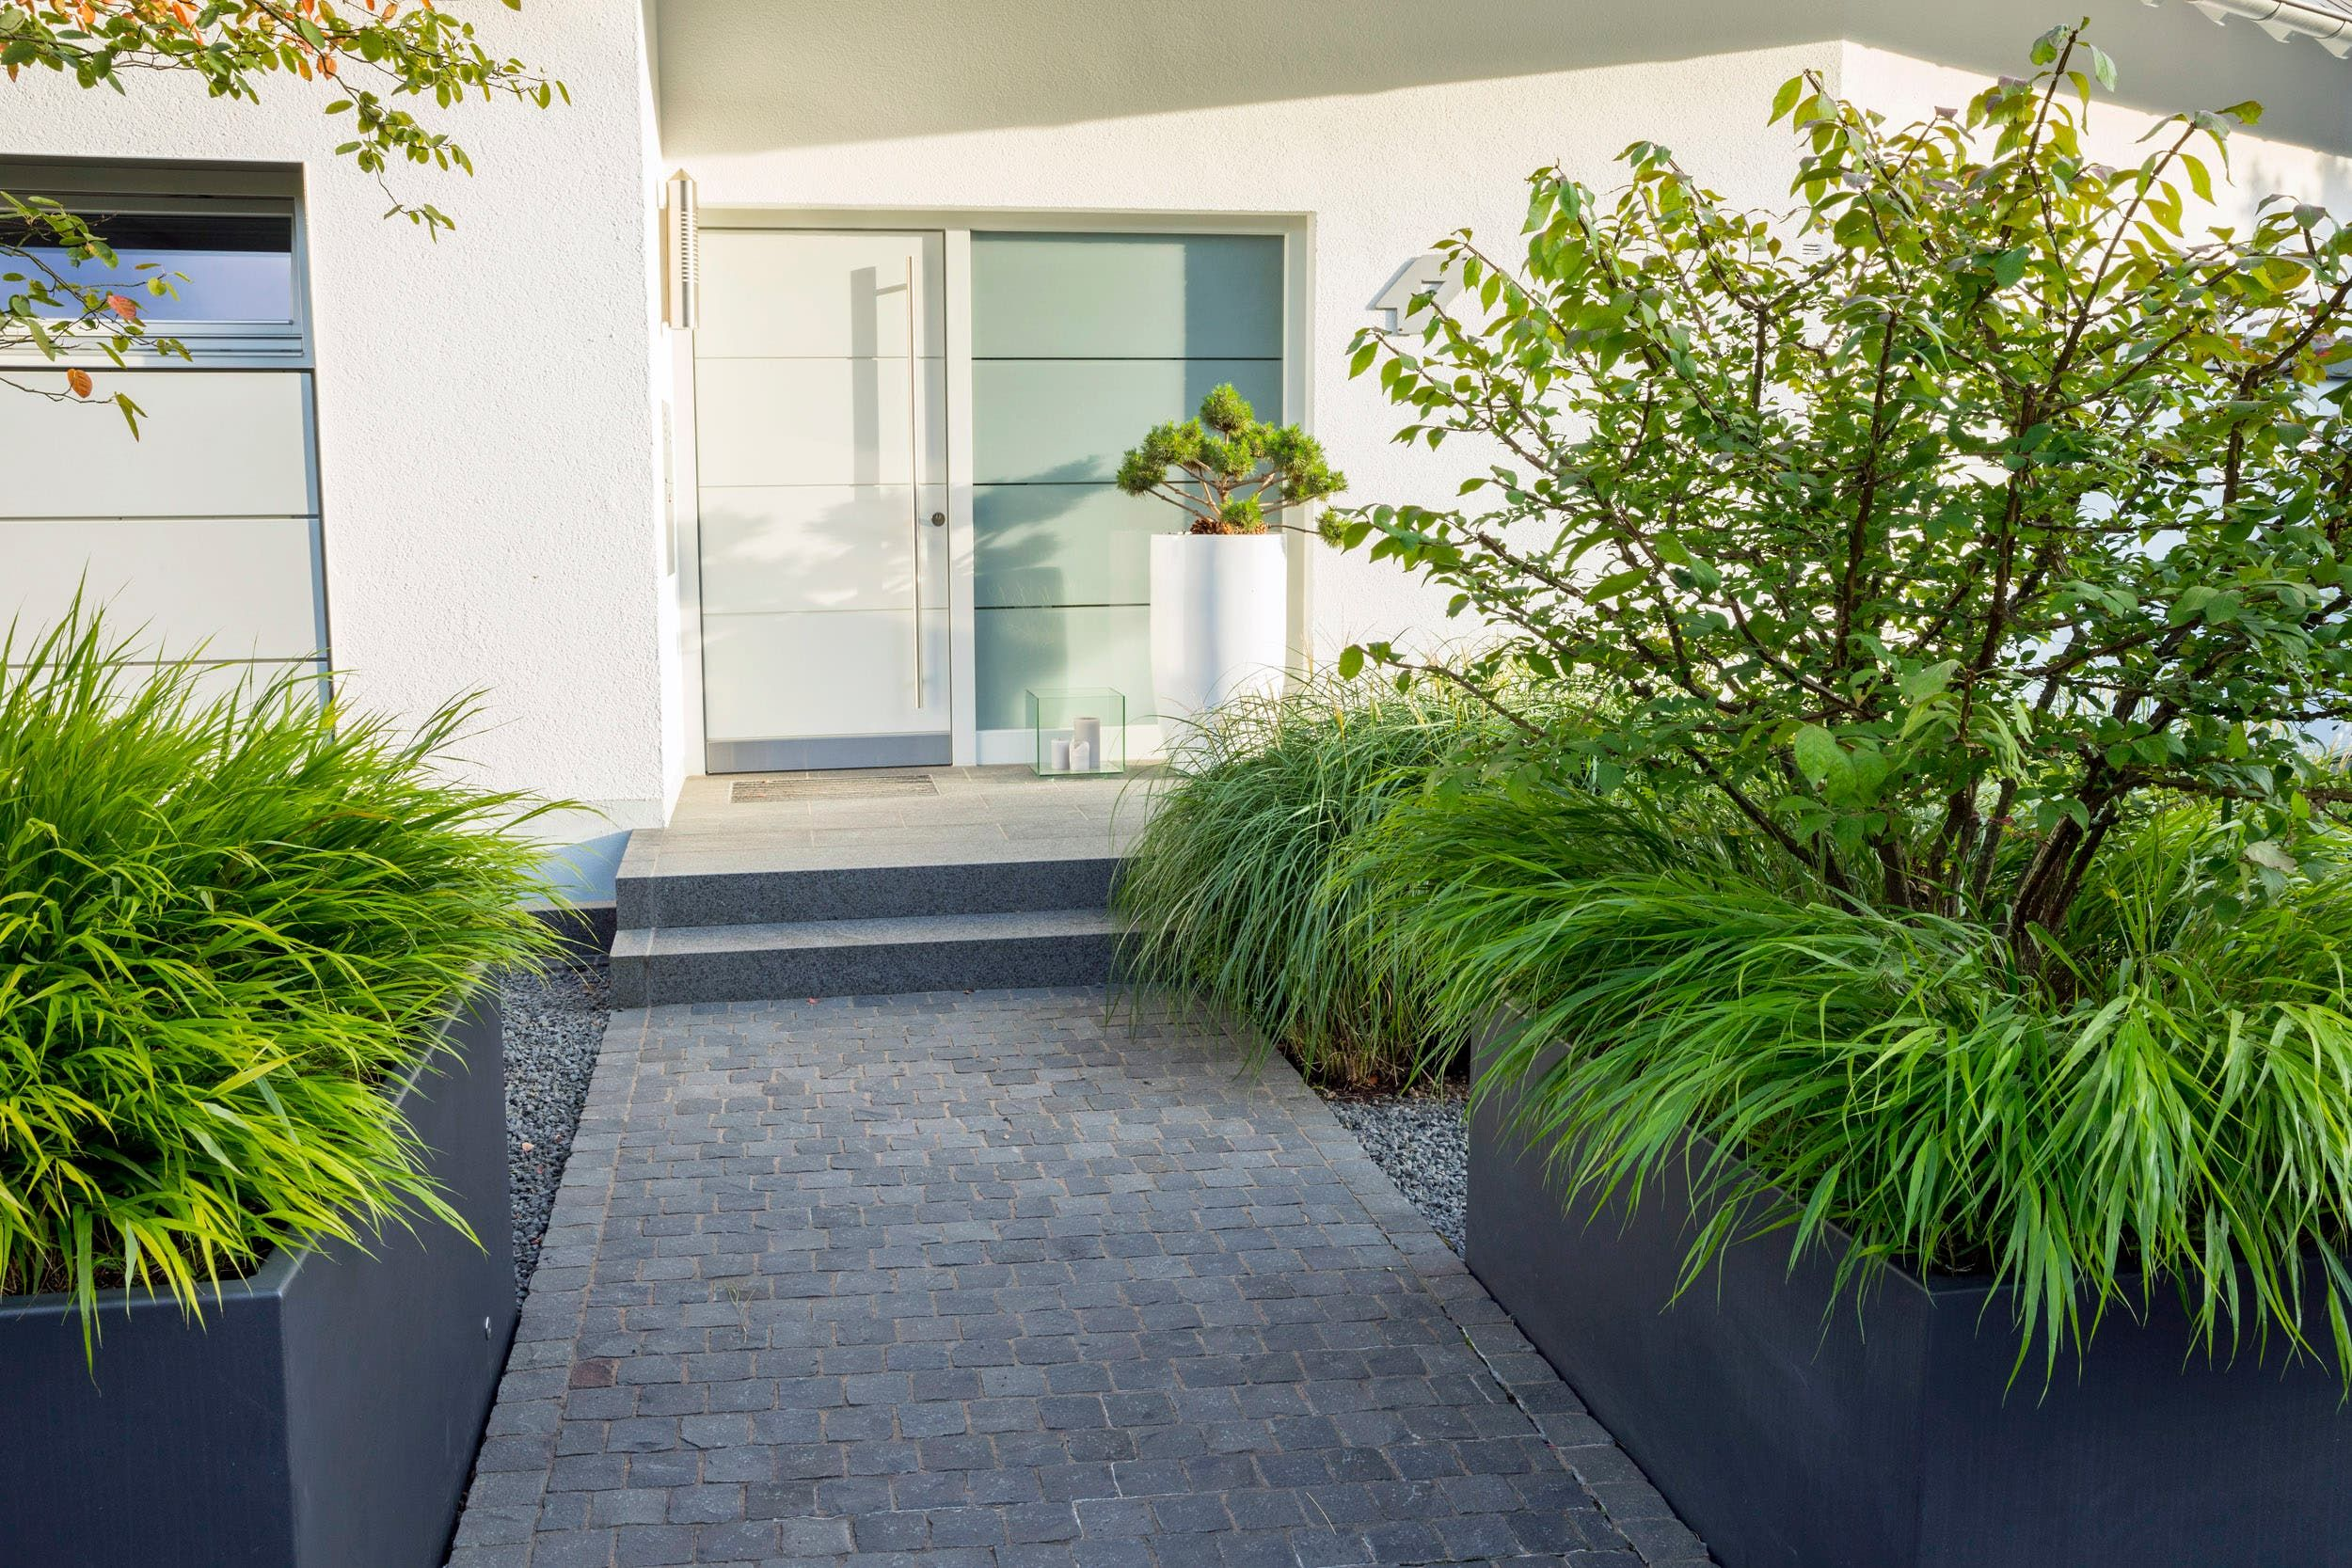 Vorgarten und Hauseingang: Ideen zur Gestaltung | NZZ Bellevue